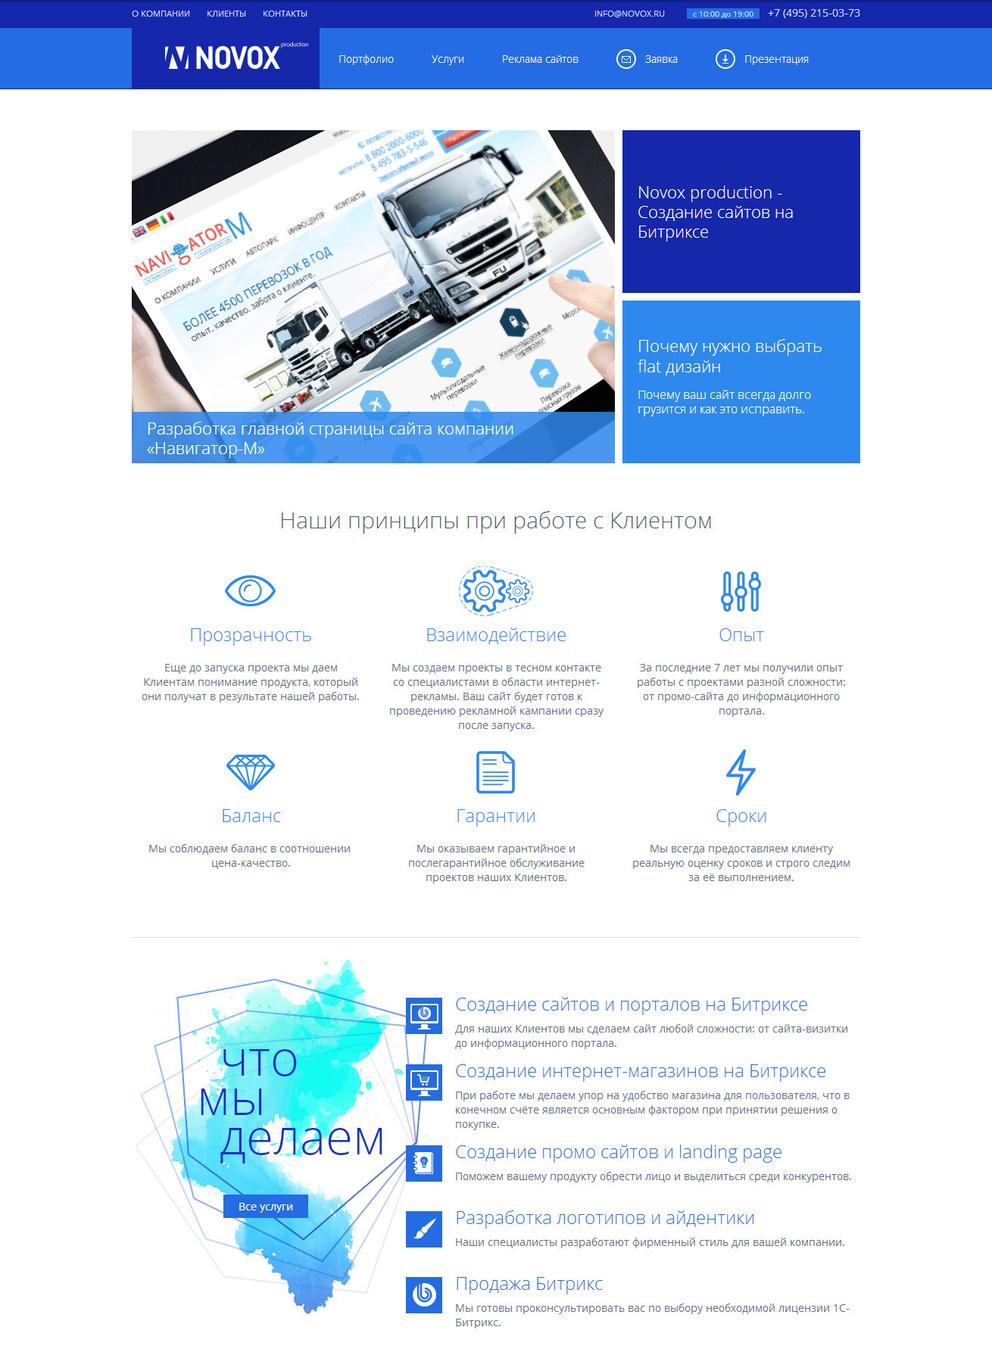 Собственный сайт веб-студии / Проект компании Novox production